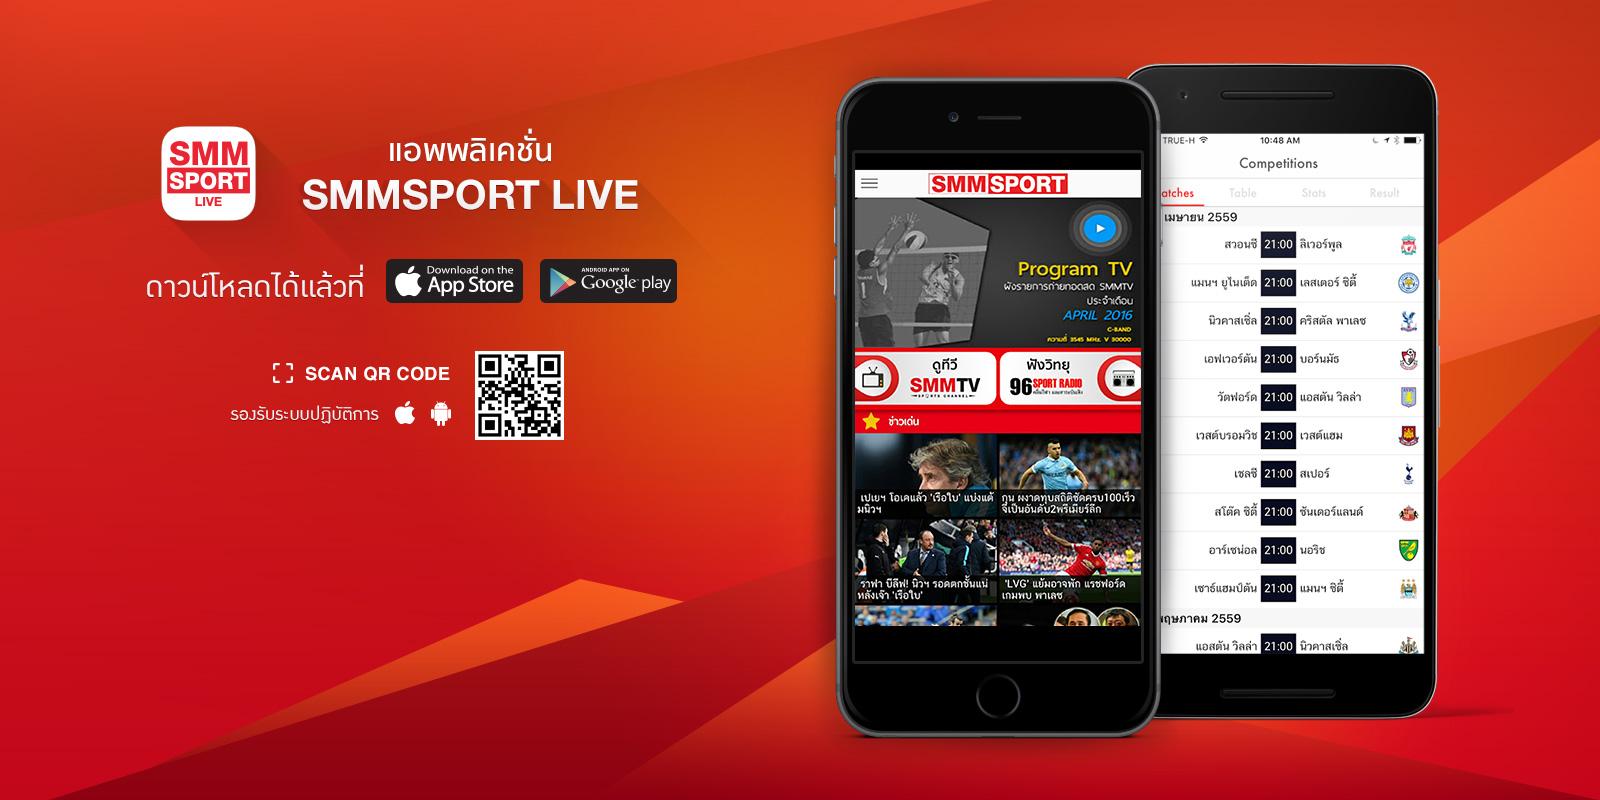 SmmSportLive-App1600x800_2